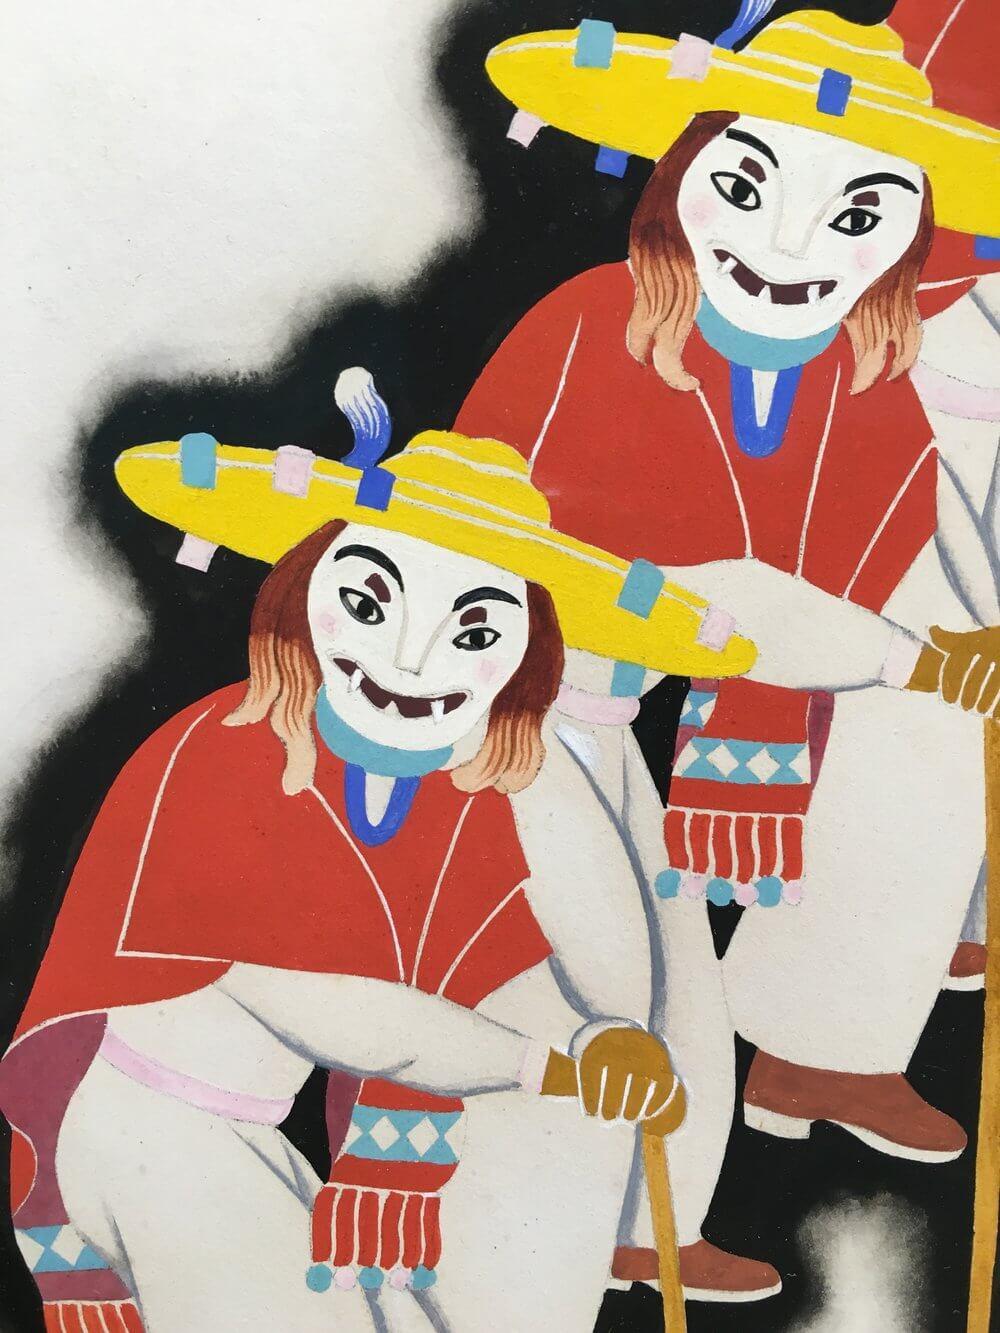 Obra de dos personas con máscara y trajes típicos